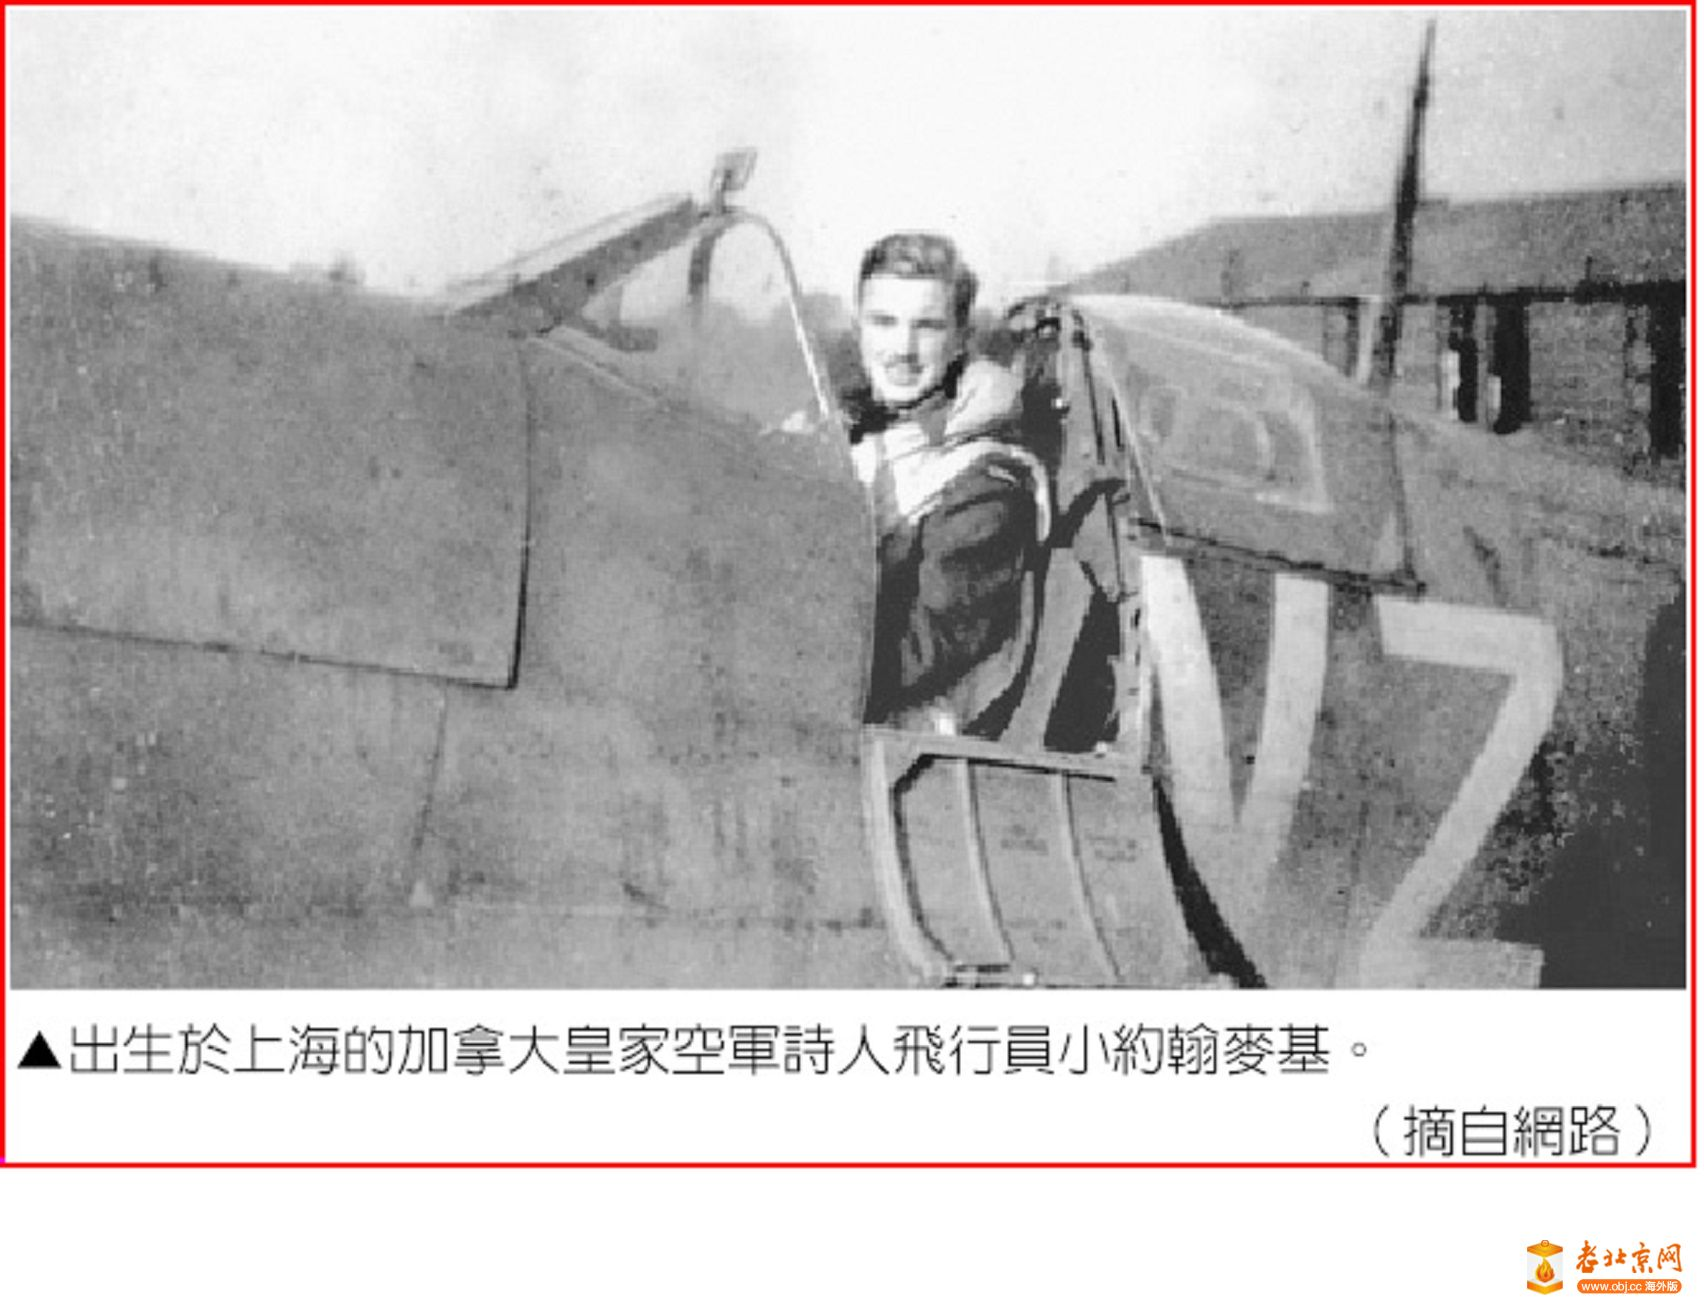 正义复位 记重庆汪山空军英烈  高飞──轻触上帝的脸(之十)